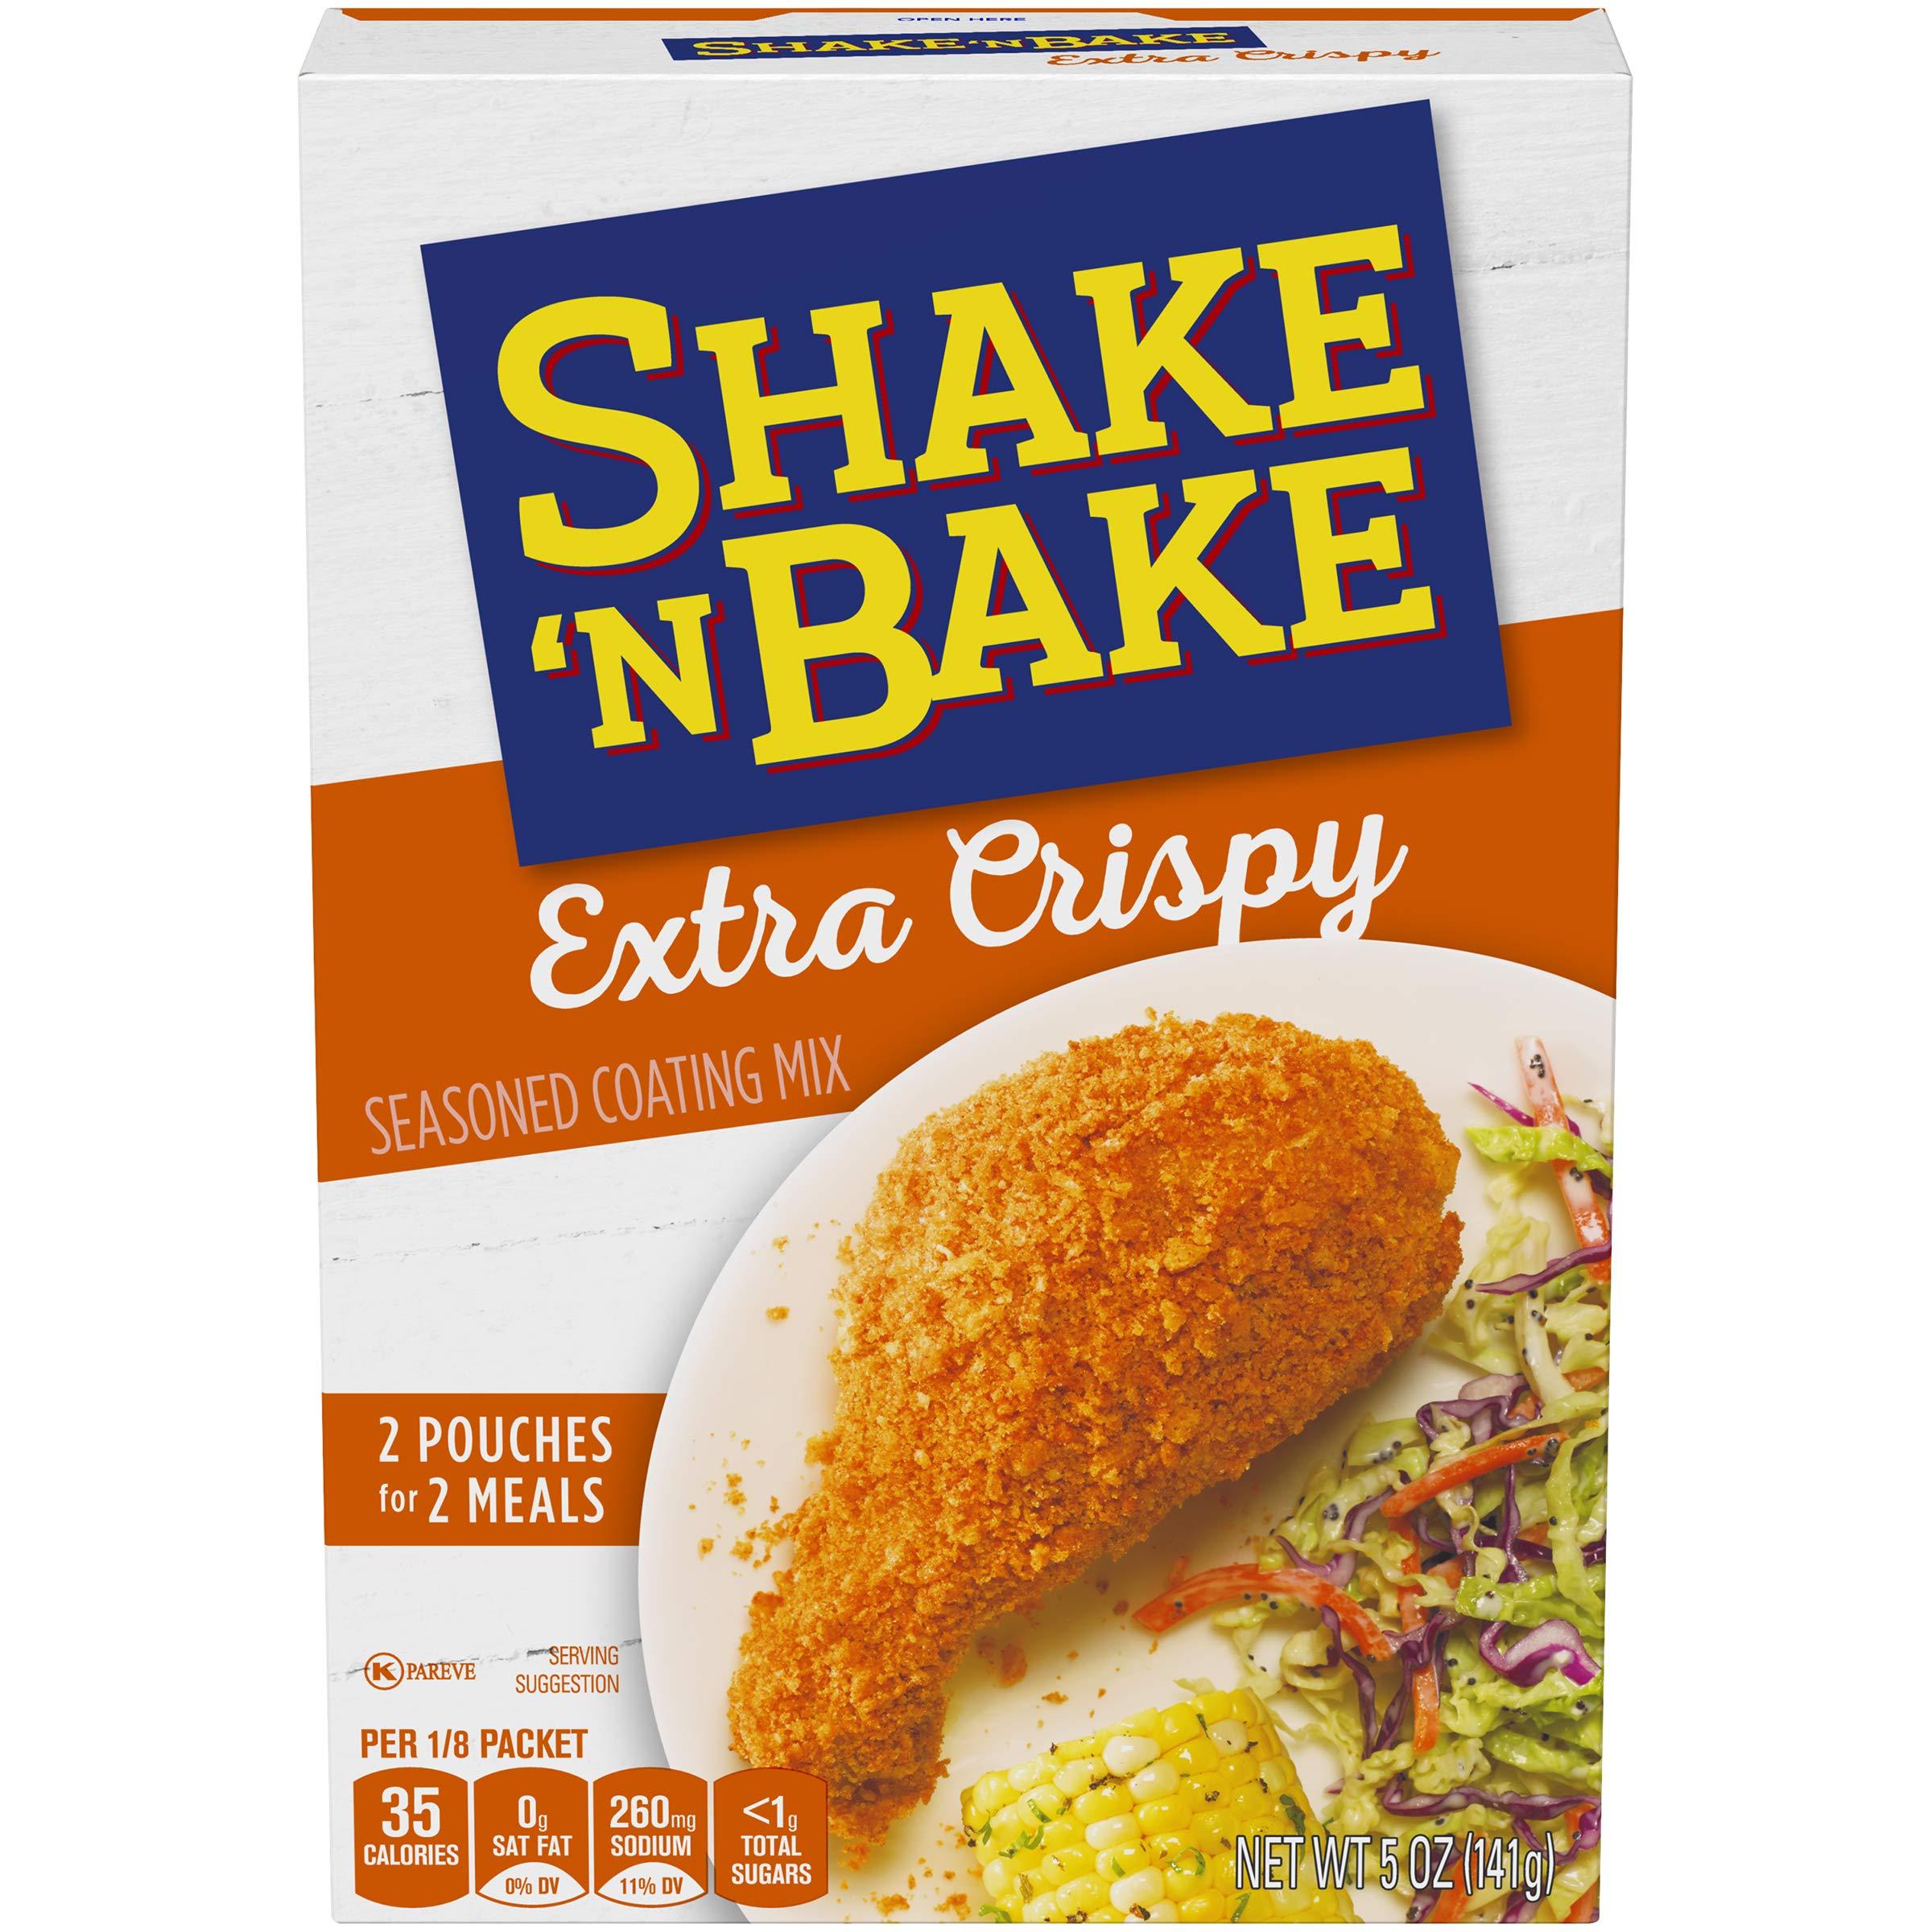 Shake 'n Bake Extra Crispy Seasoned Coating Mix (5 oz Box)